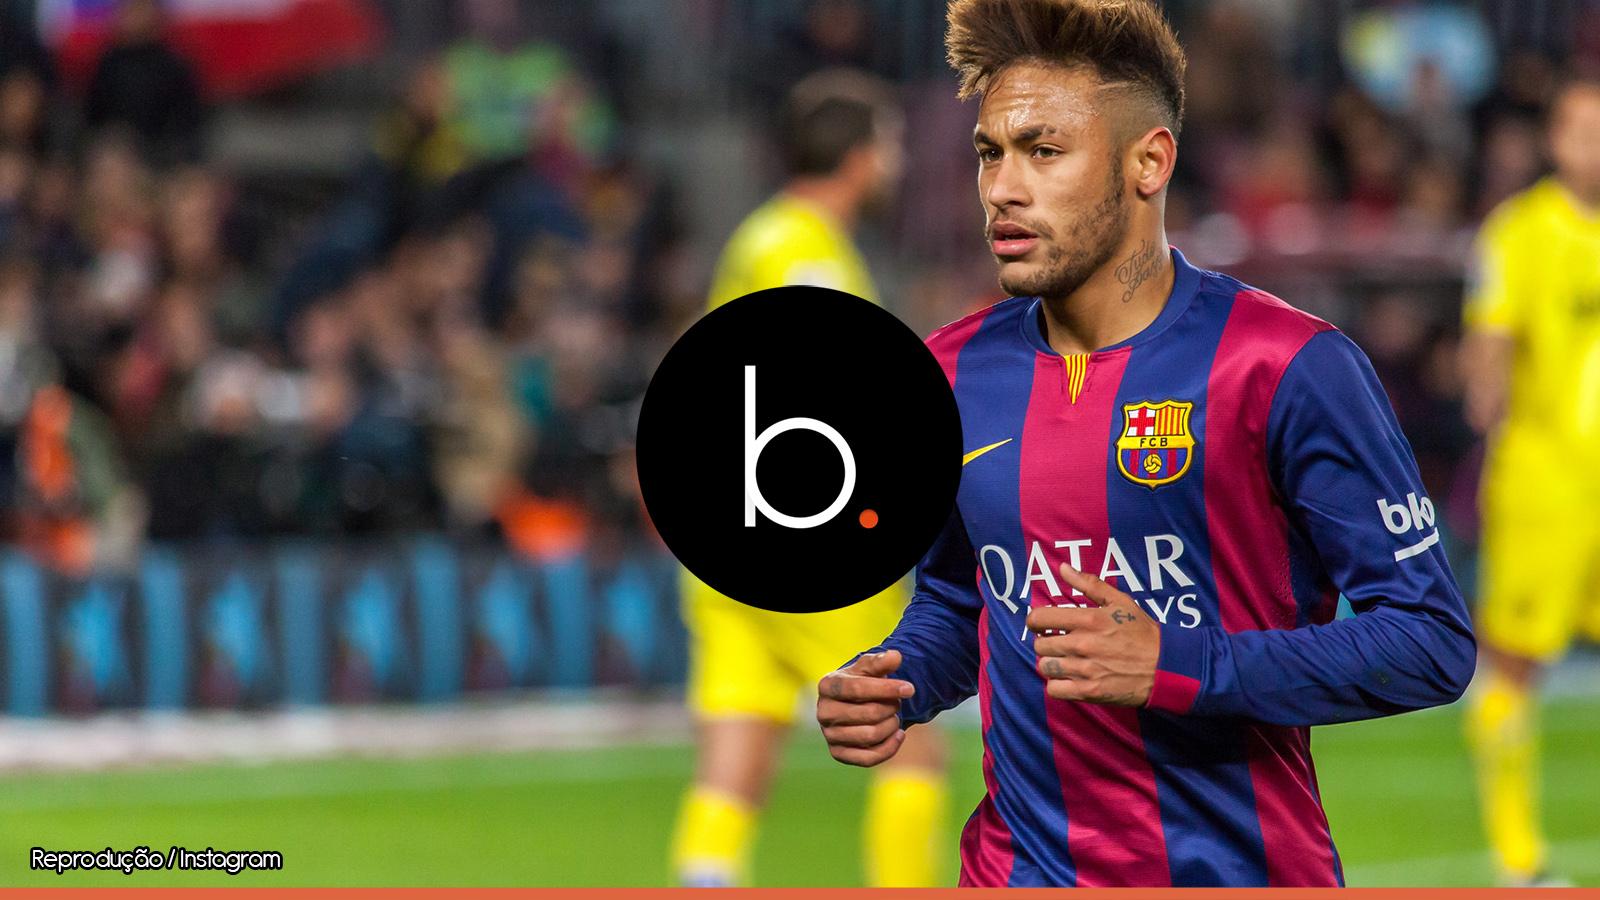 Condição de Neymar para jogar no Real Madri é dita por ele